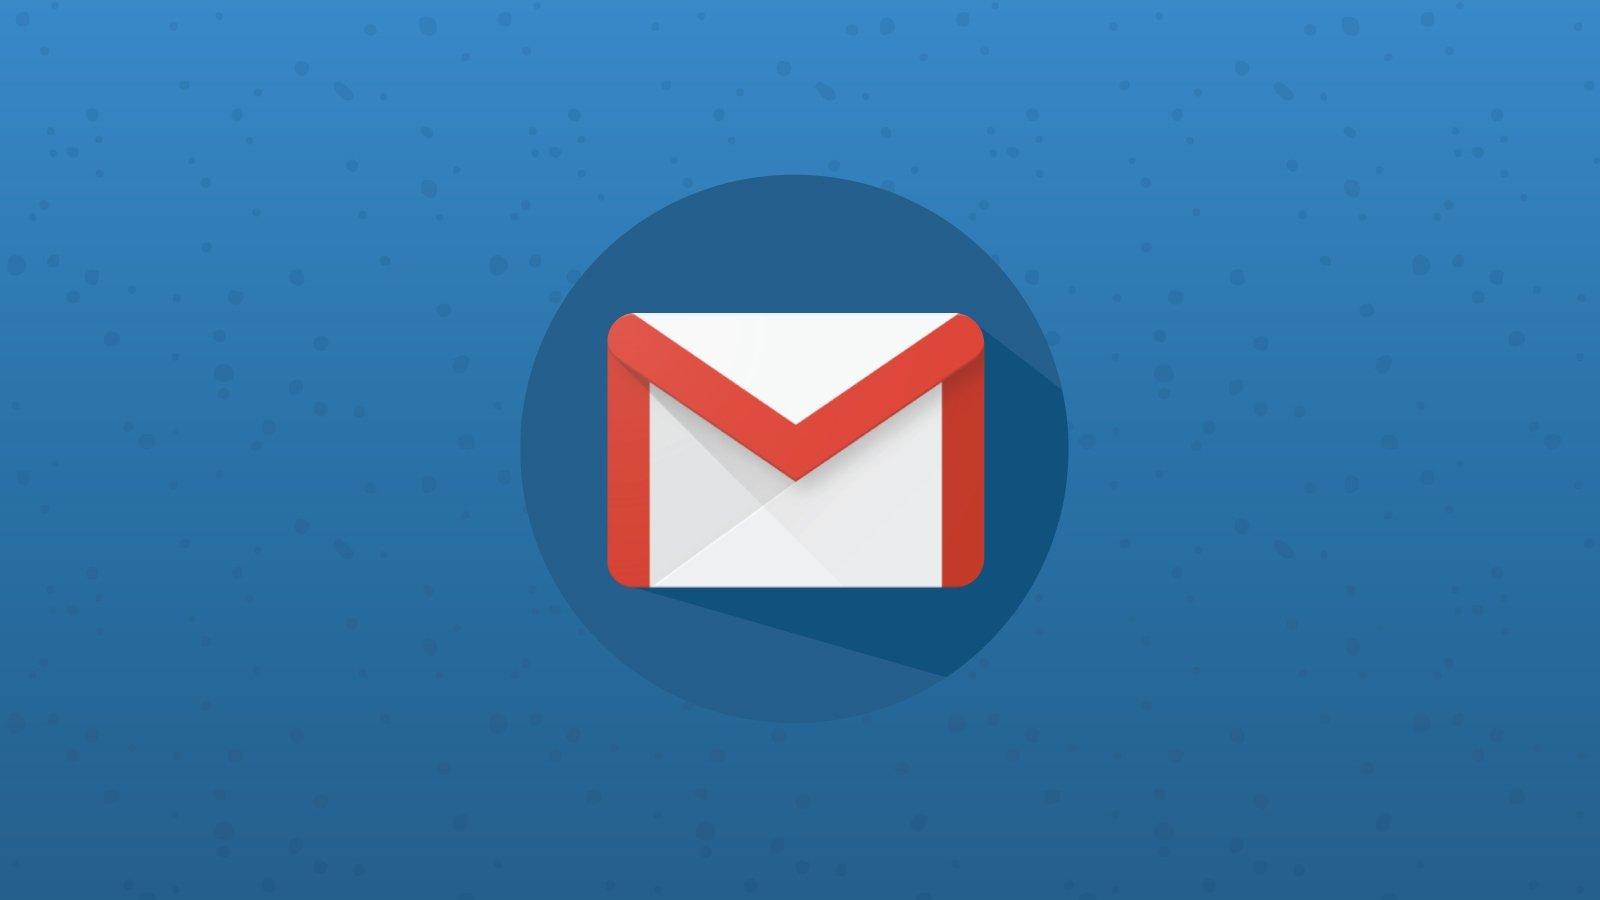 logo do gmail em fundo azul